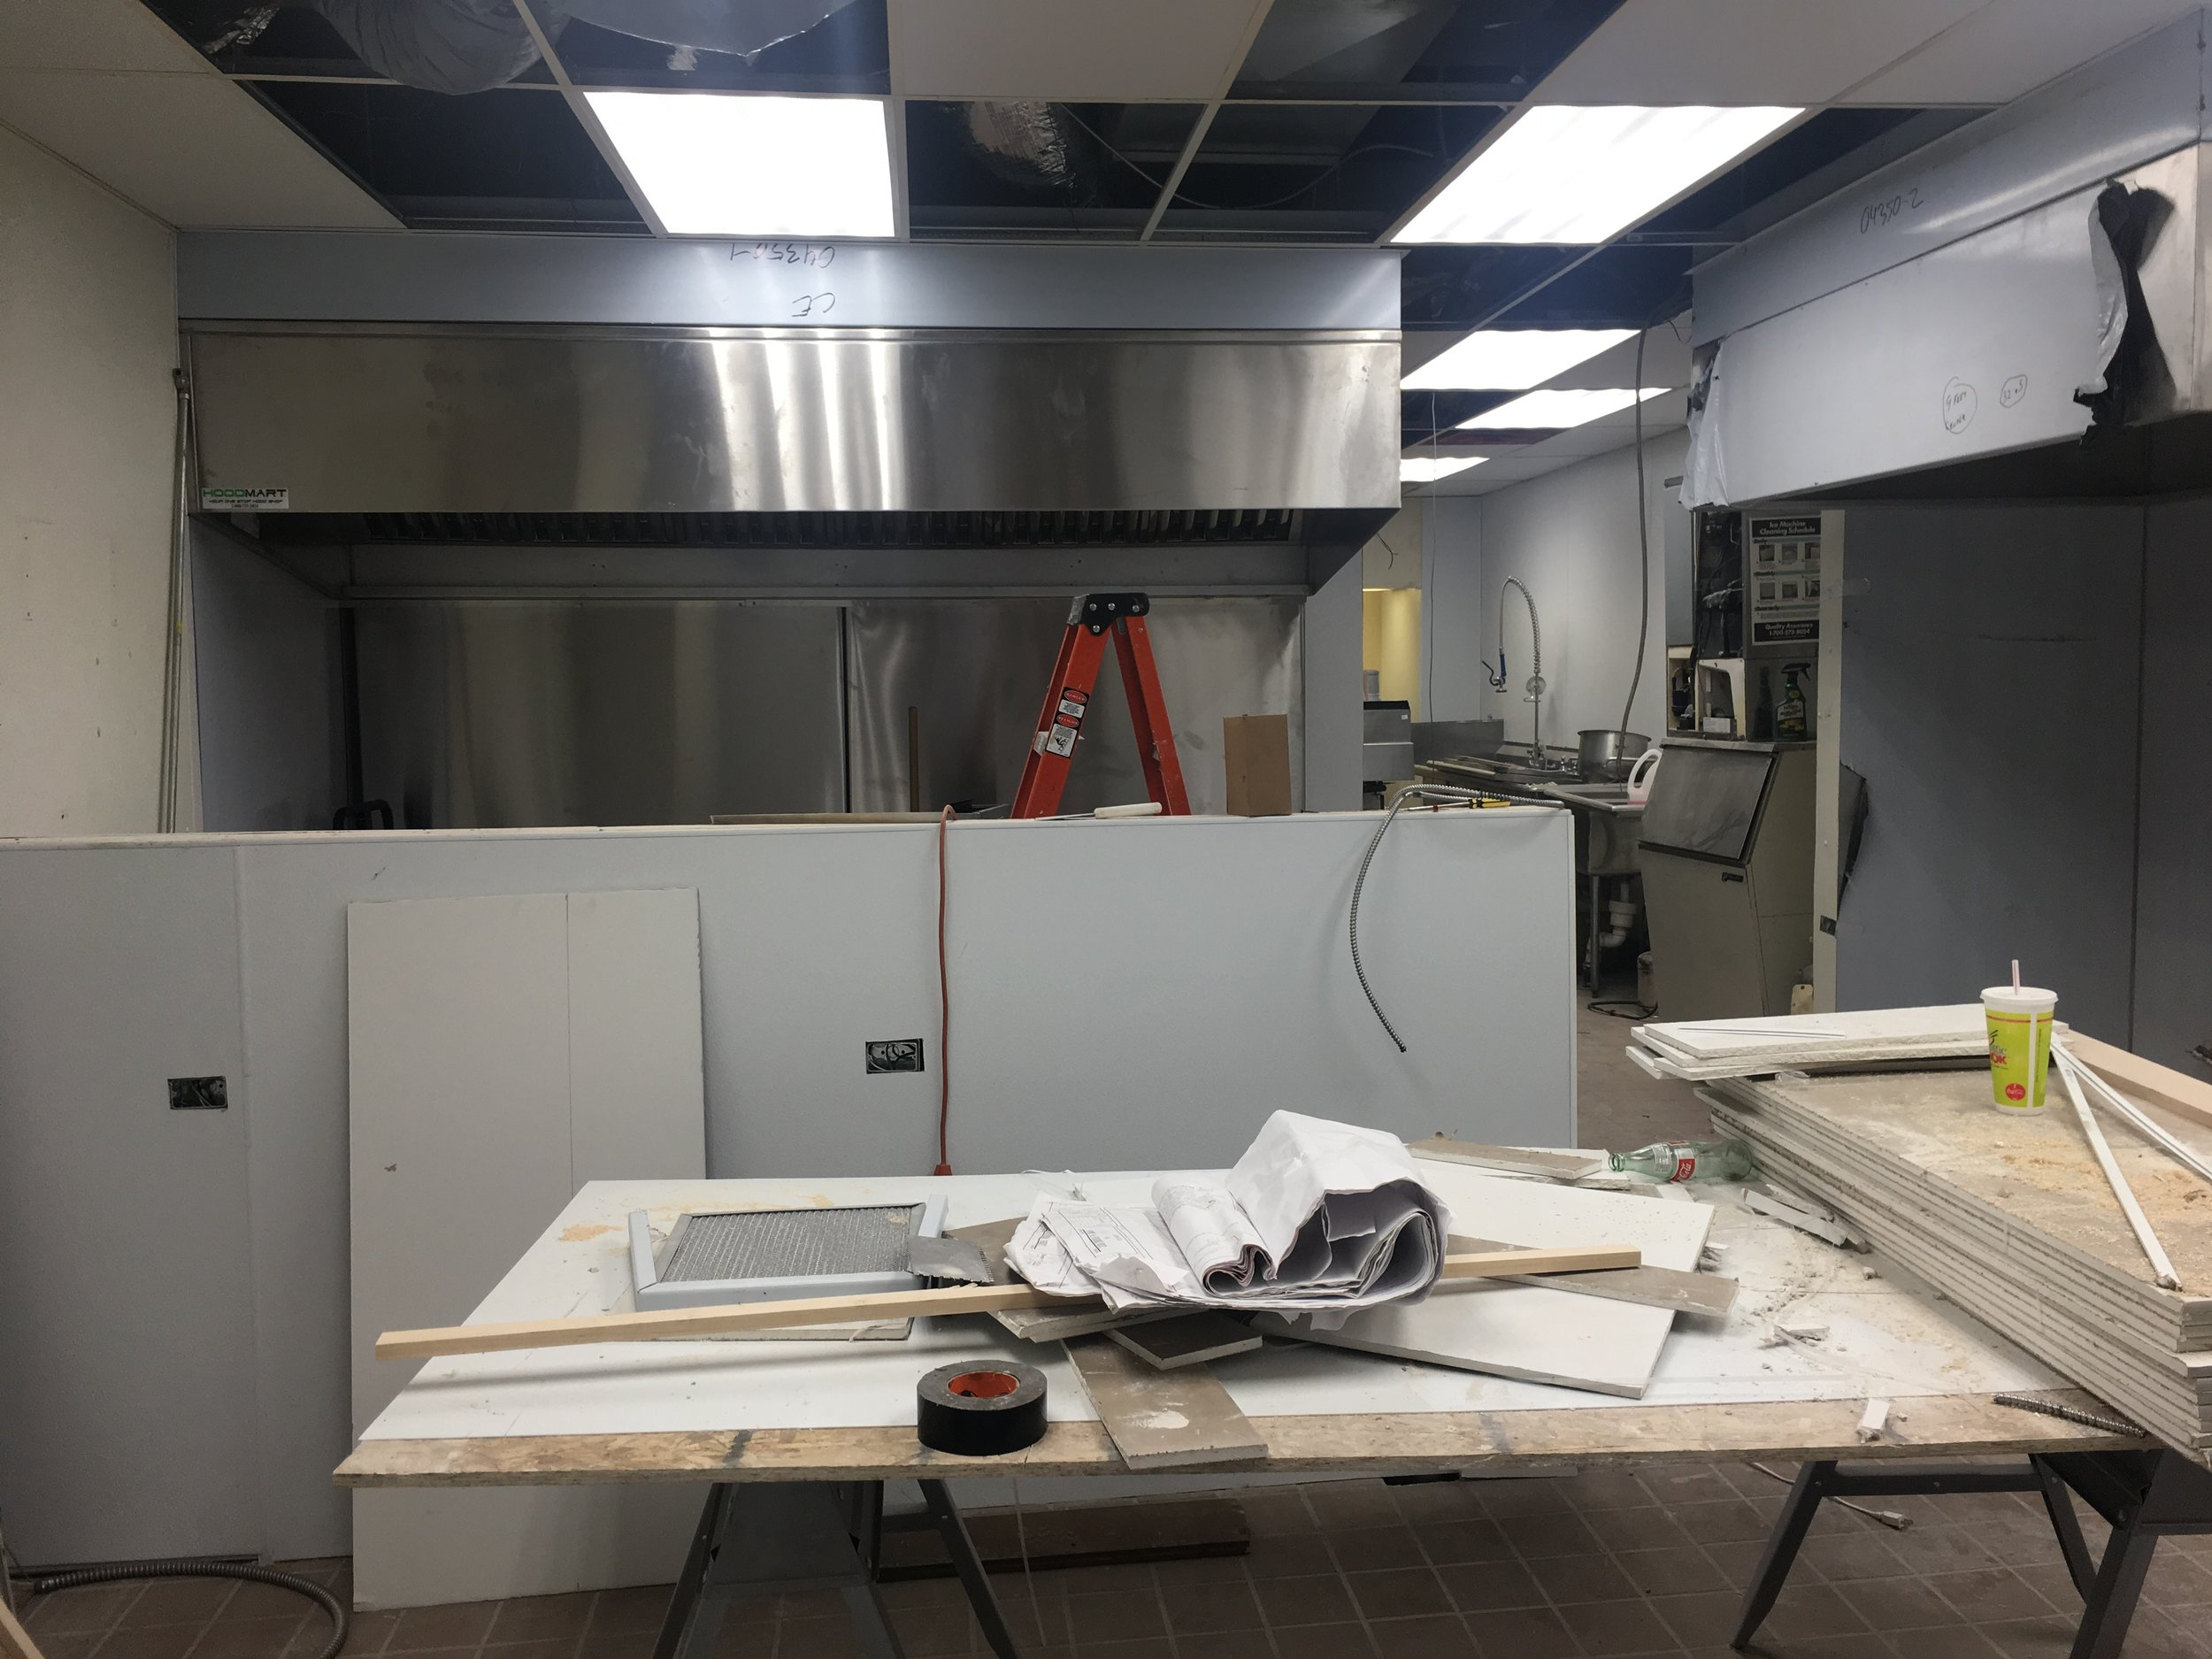 Kitchen construction 3.JPG